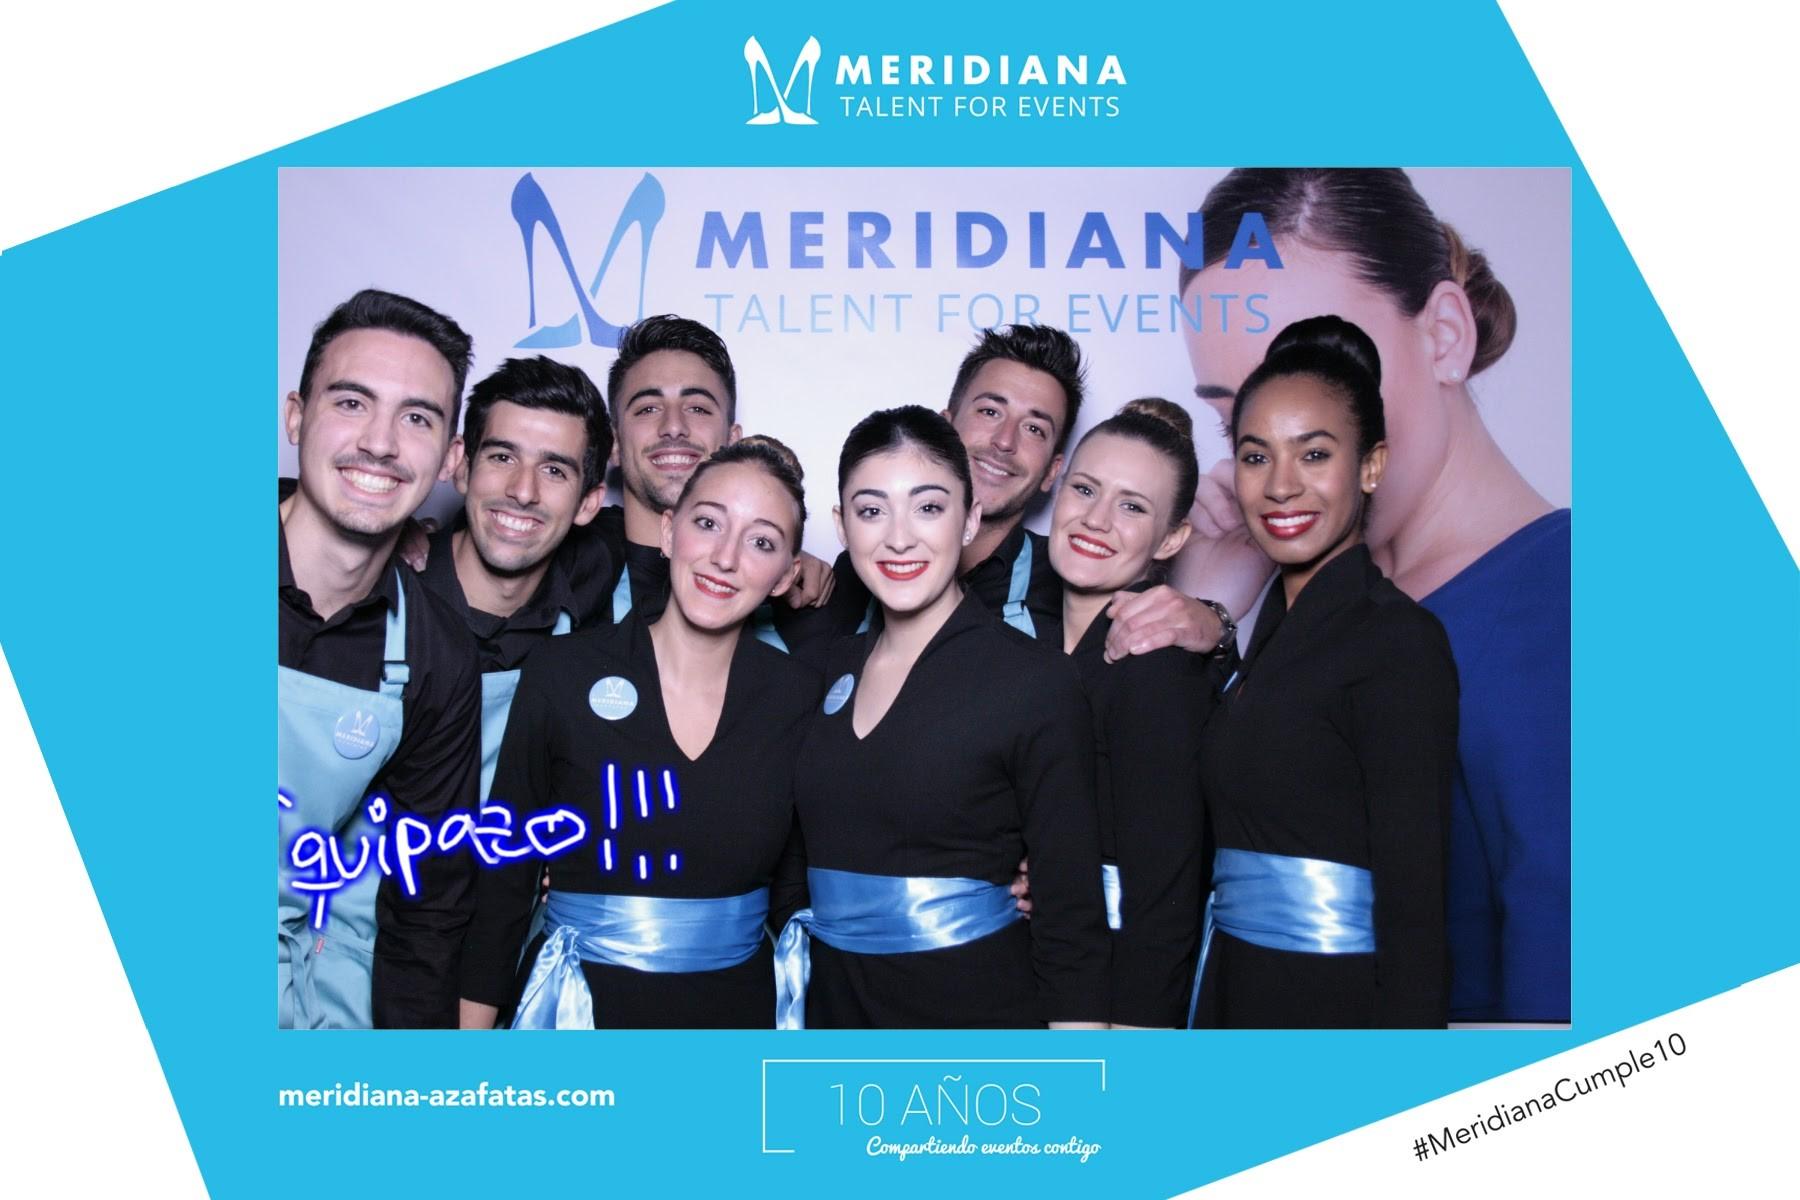 Meridiana, 20 años de servicio profesional